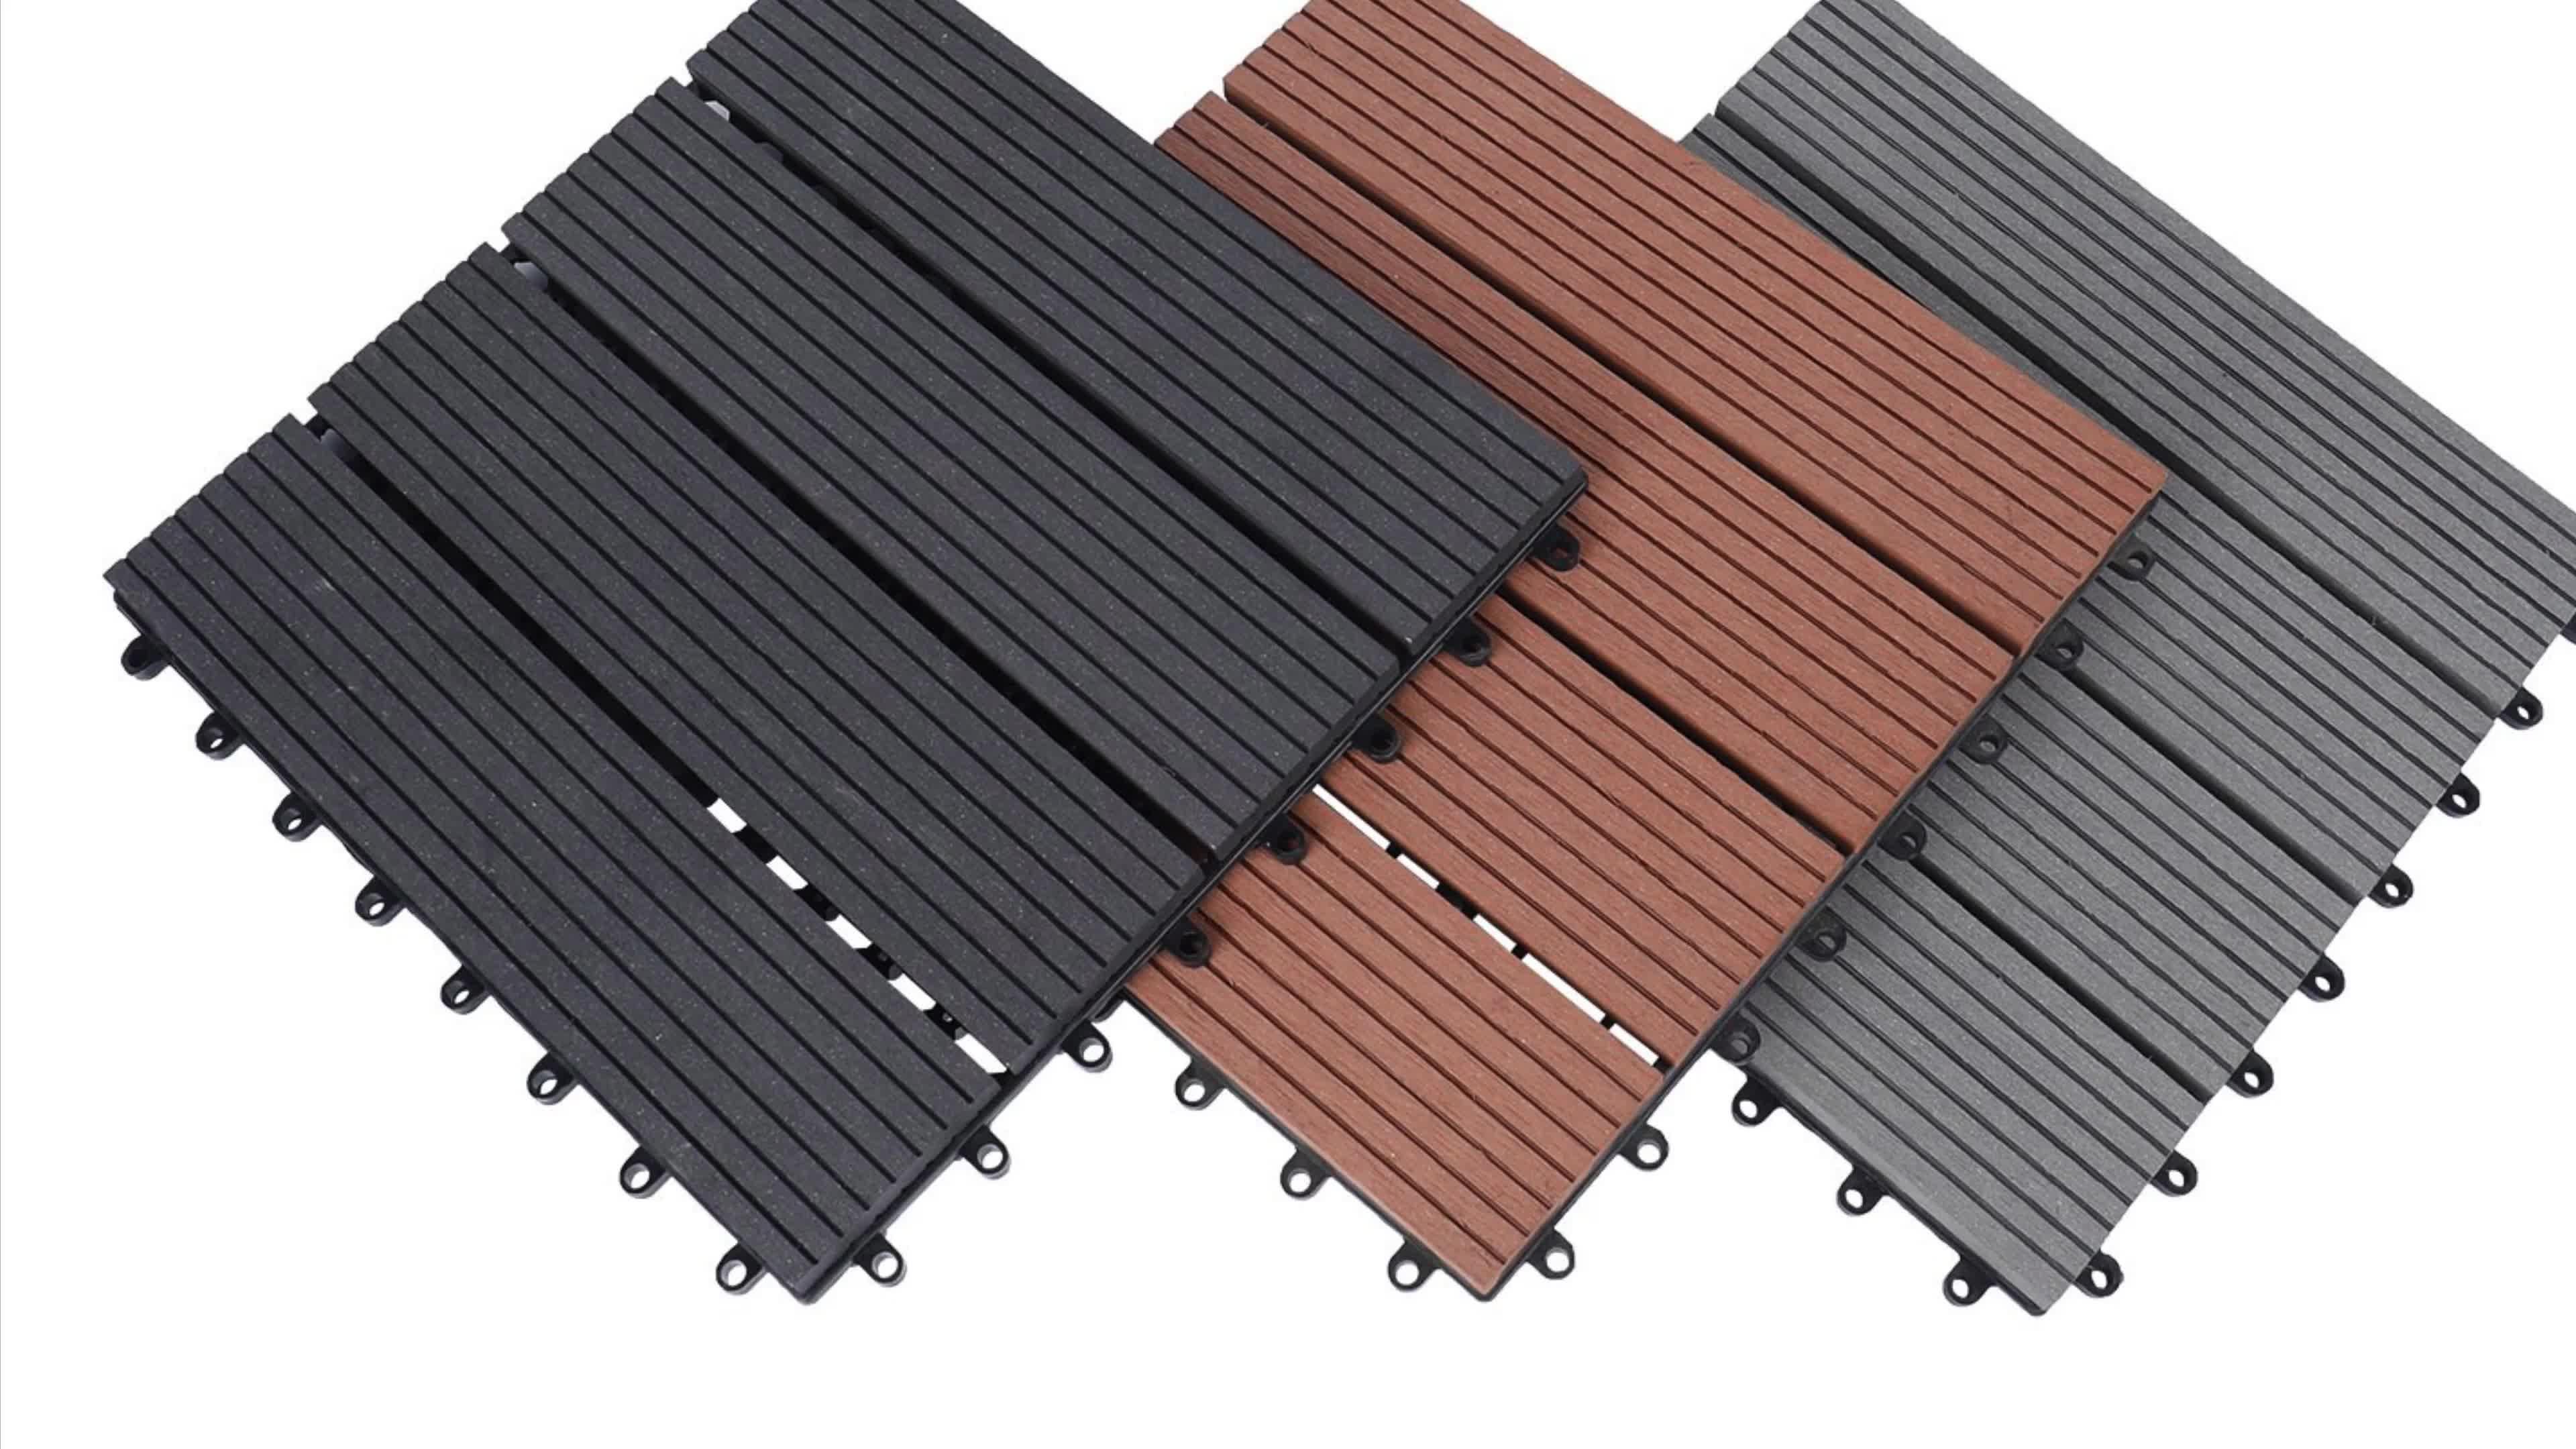 Prezzo all'ingrosso di nuoto piscina impermeabile antiscivolo pavimento in legno deck piastrelle plasti solido composito WPC legno deck piastrelle